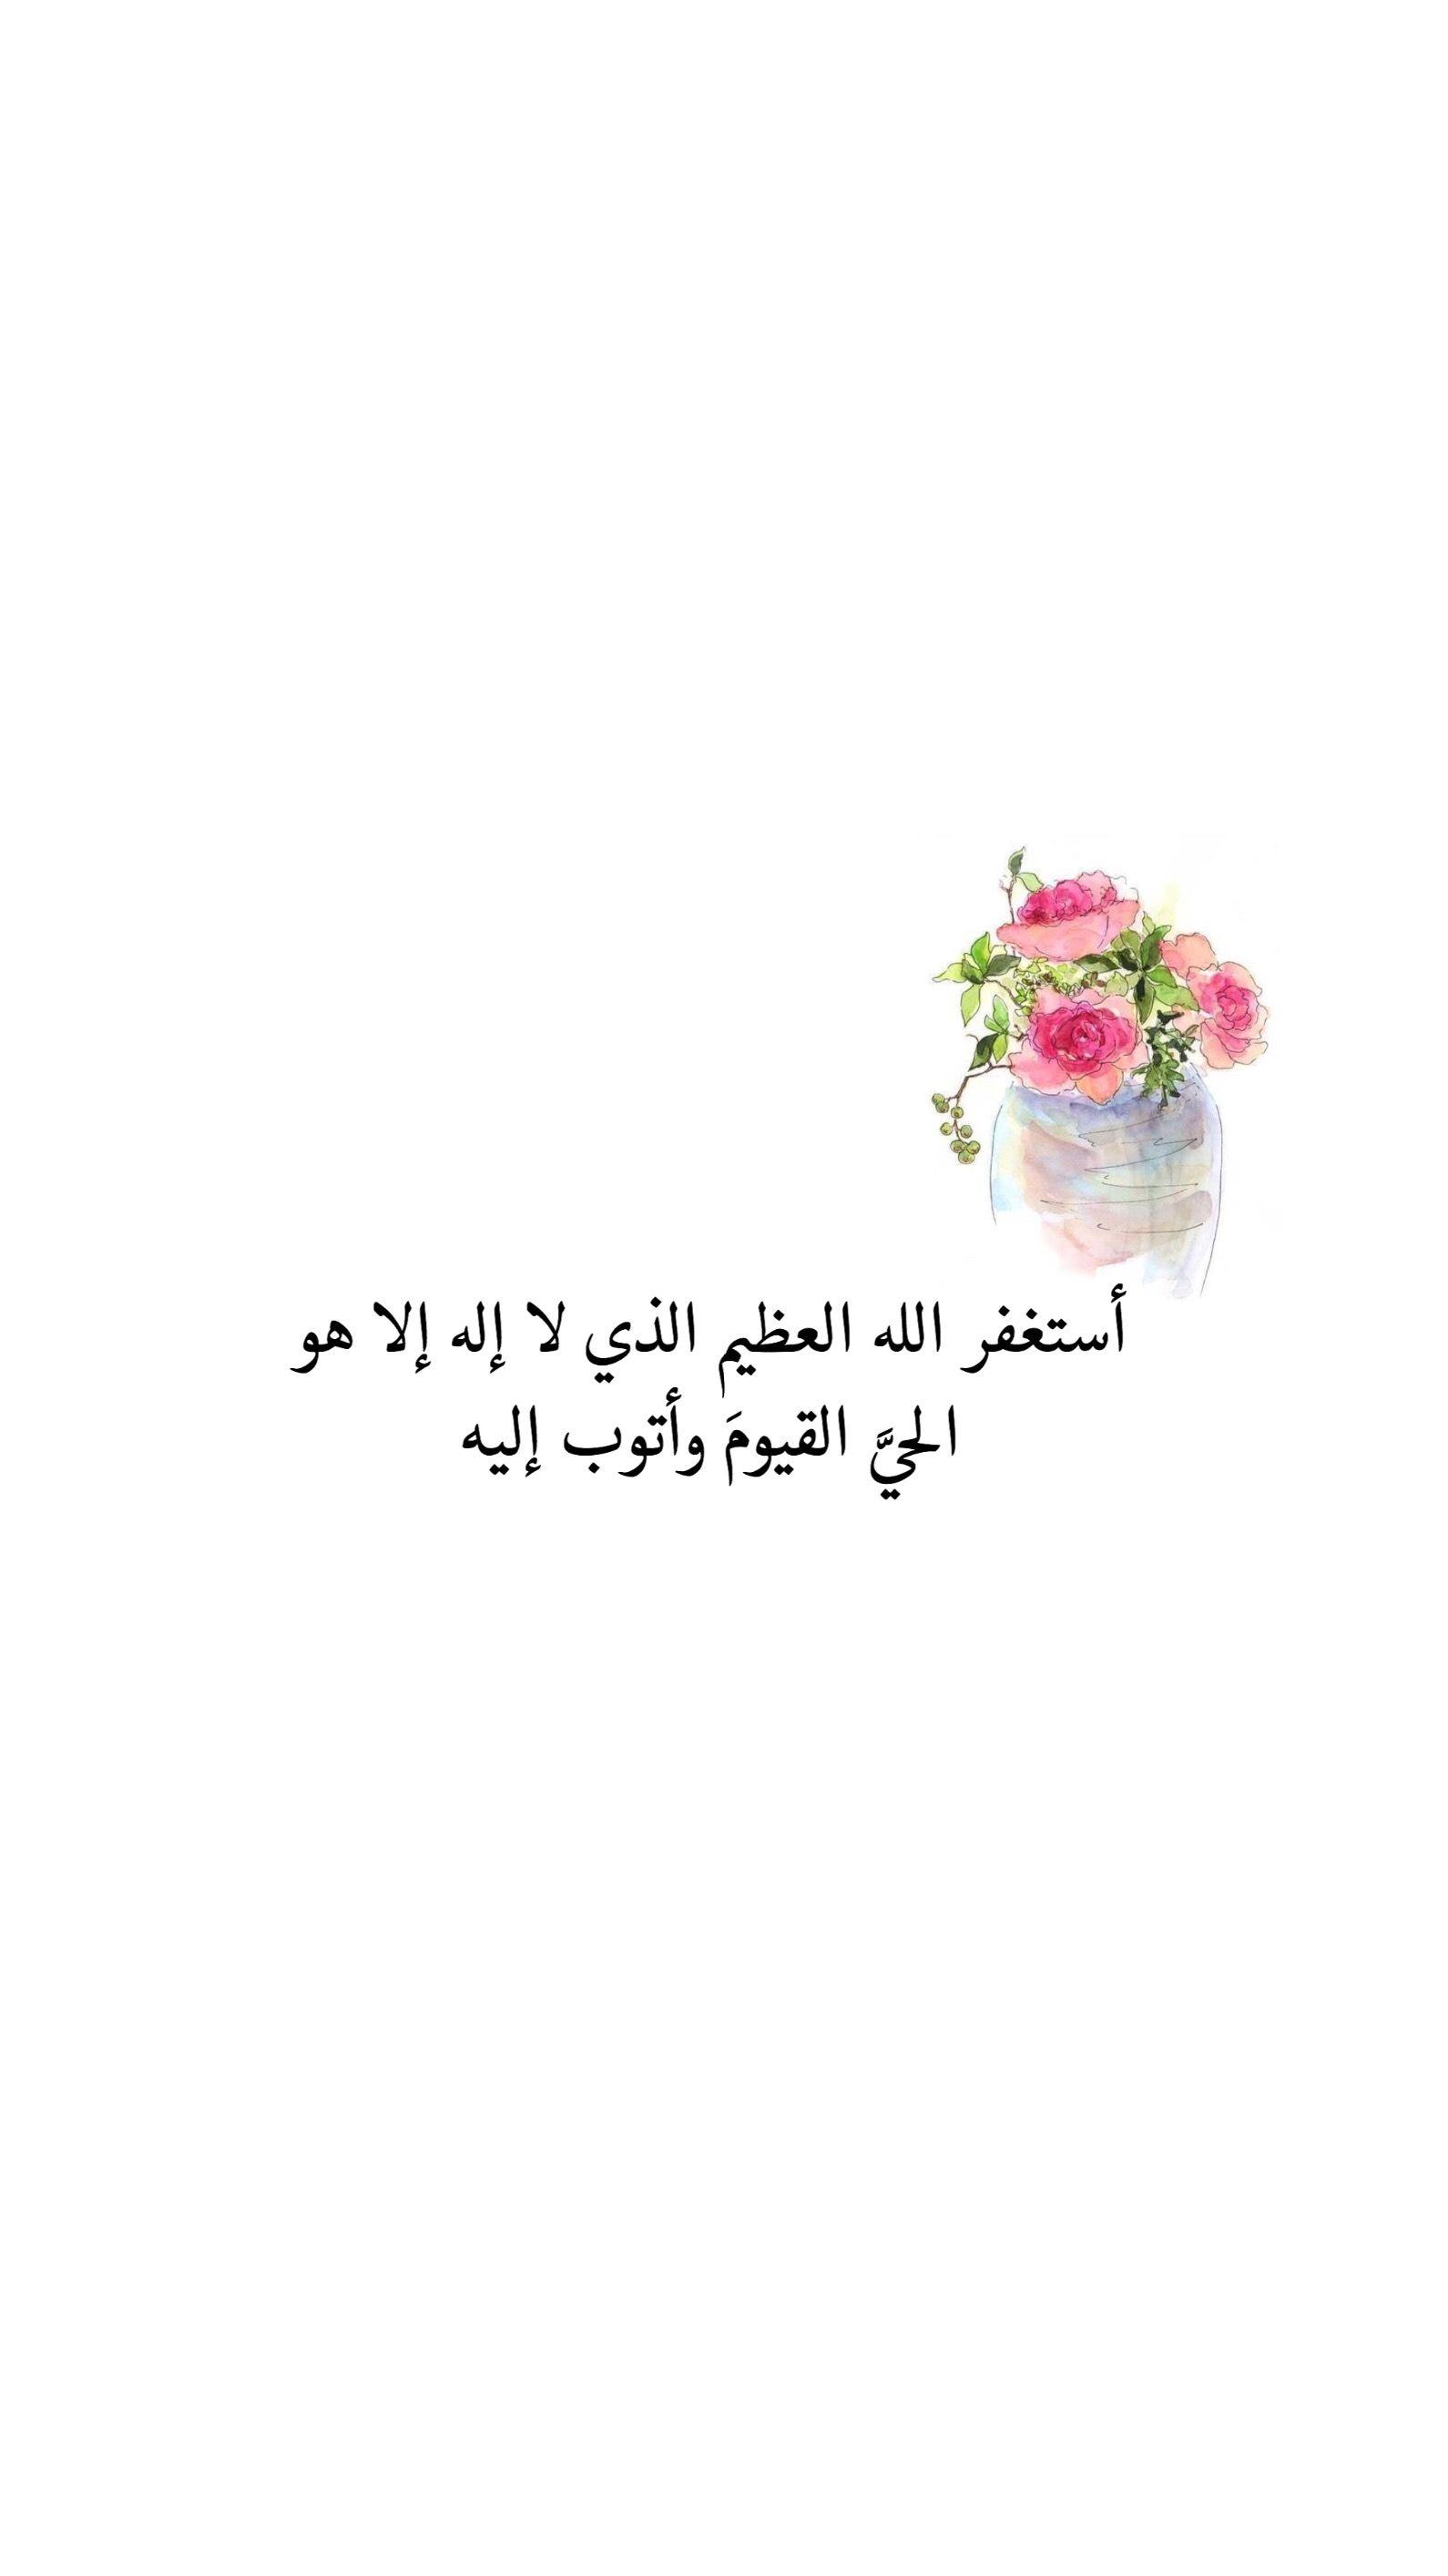 استغفرالله استغفار Quran Quotes Love Islamic Phrases Islamic Inspirational Quotes